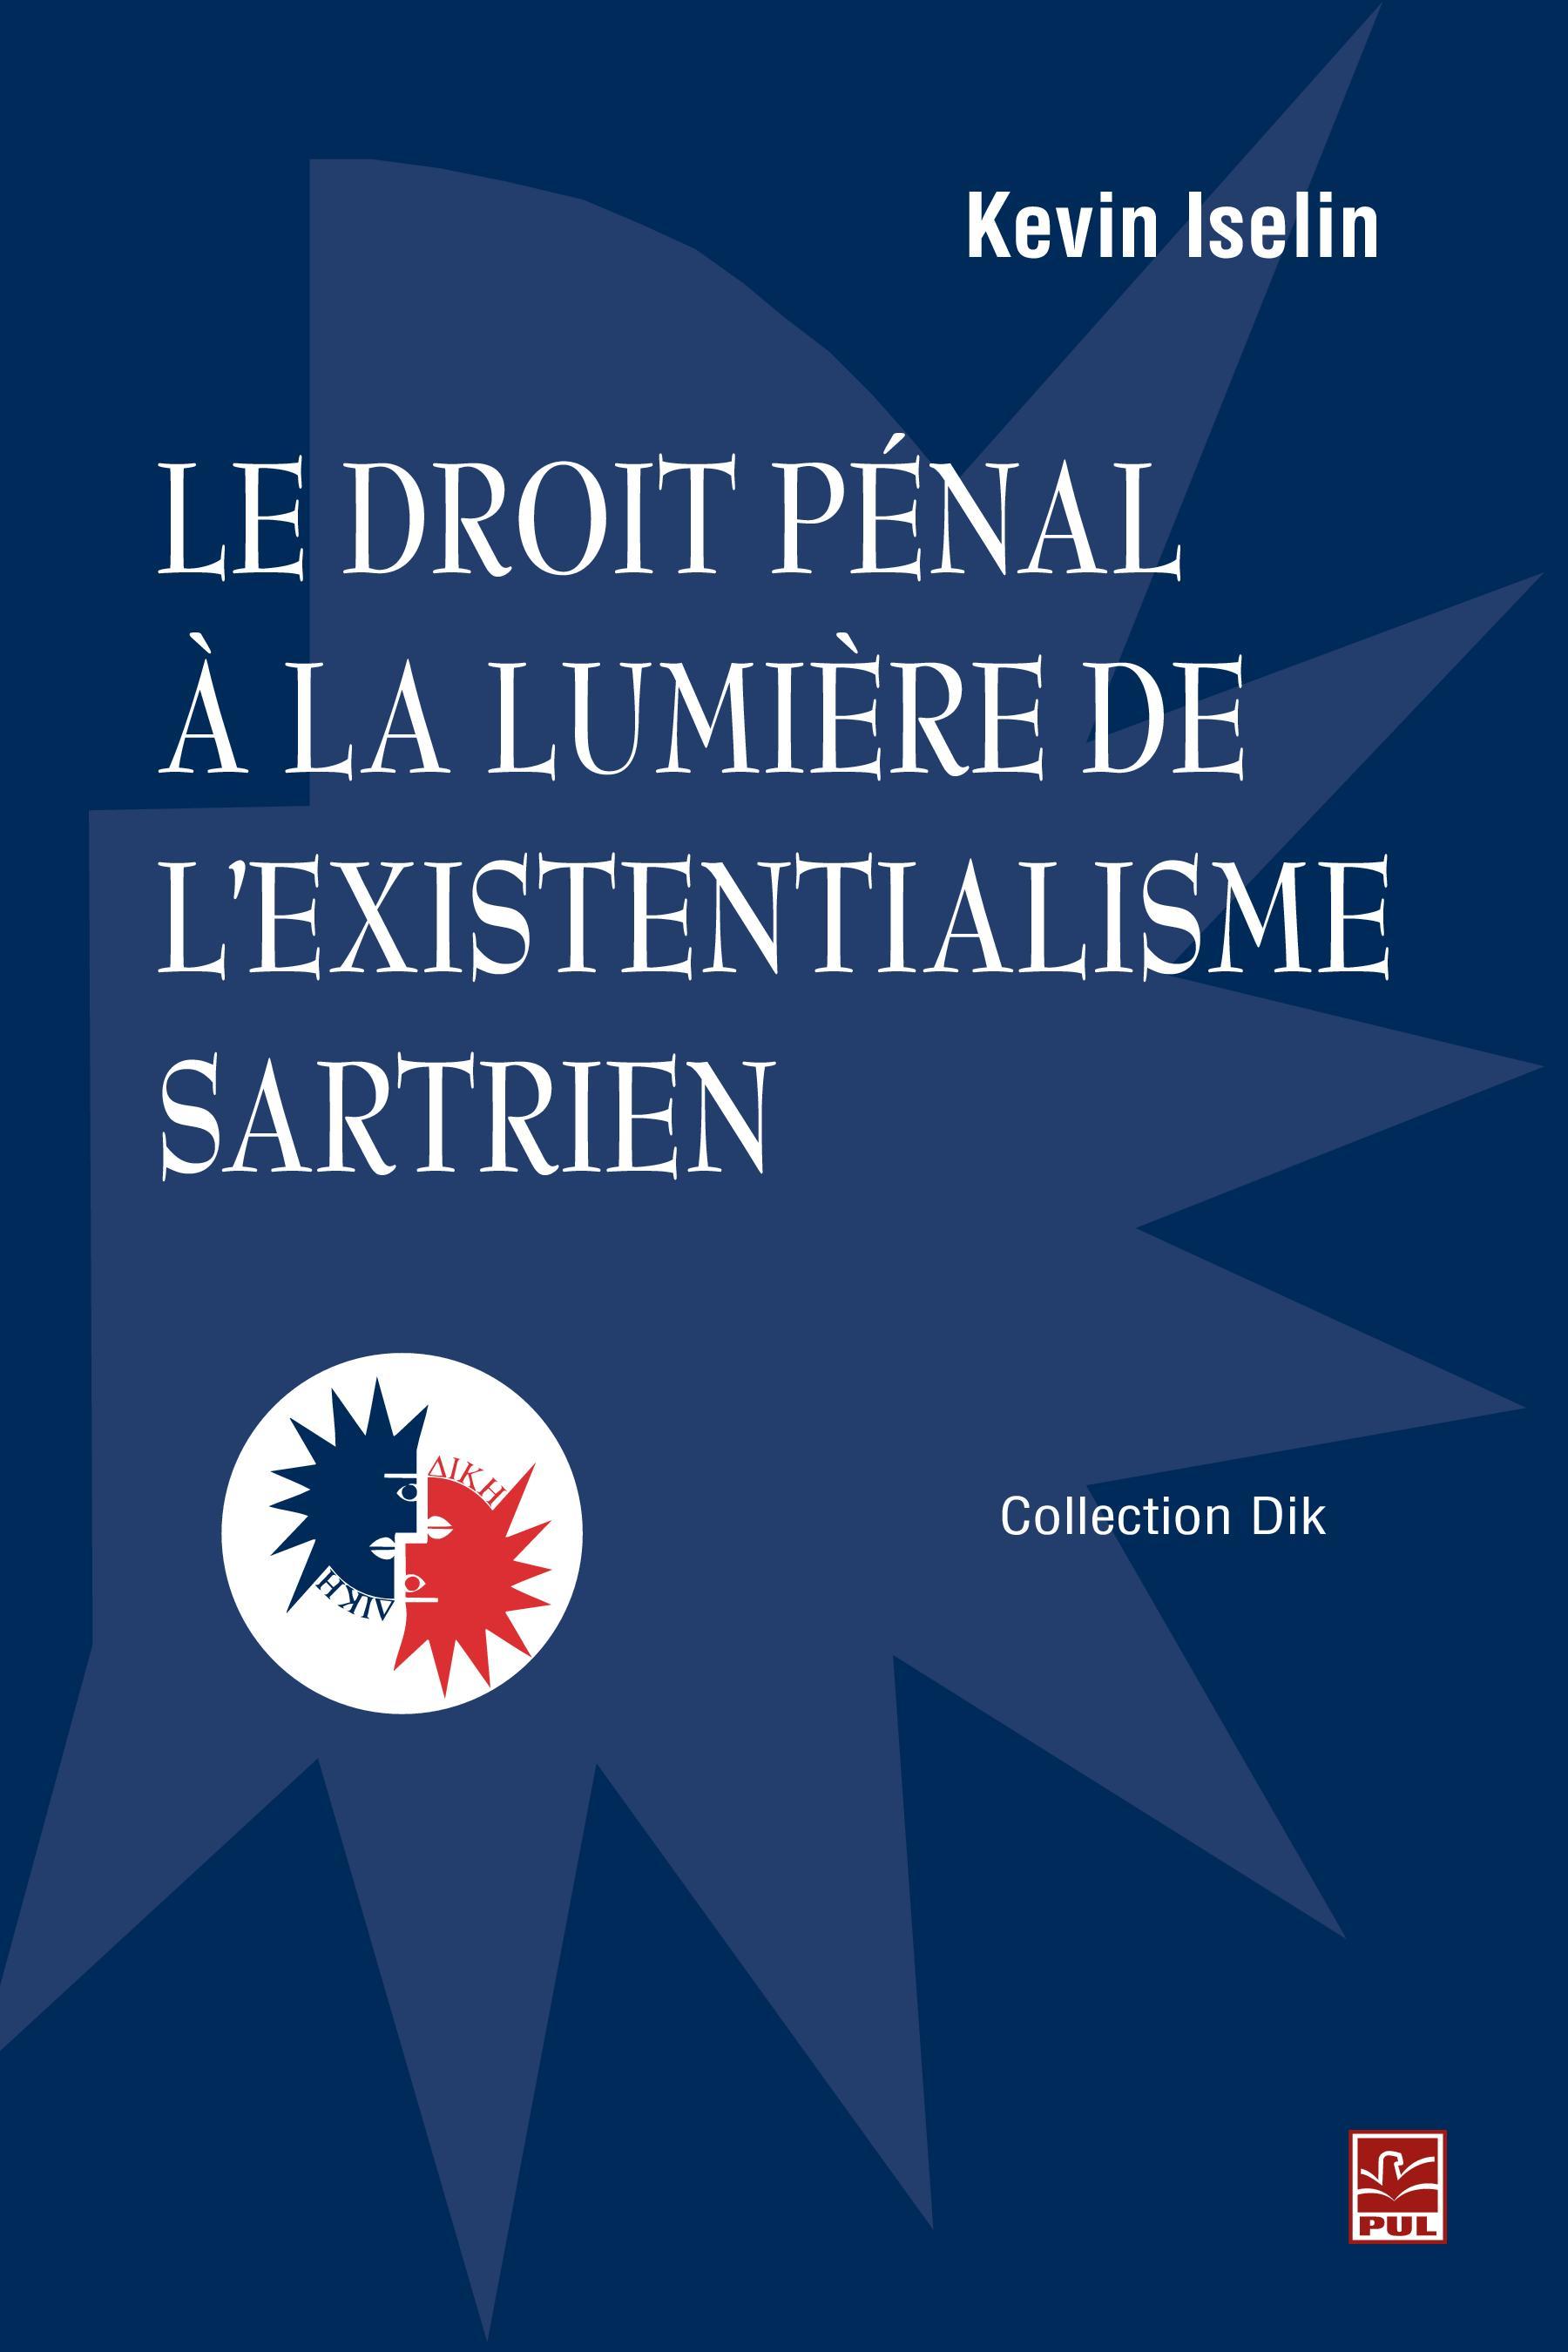 Le droit pénal à la lumière de l'existentialisme sartrien